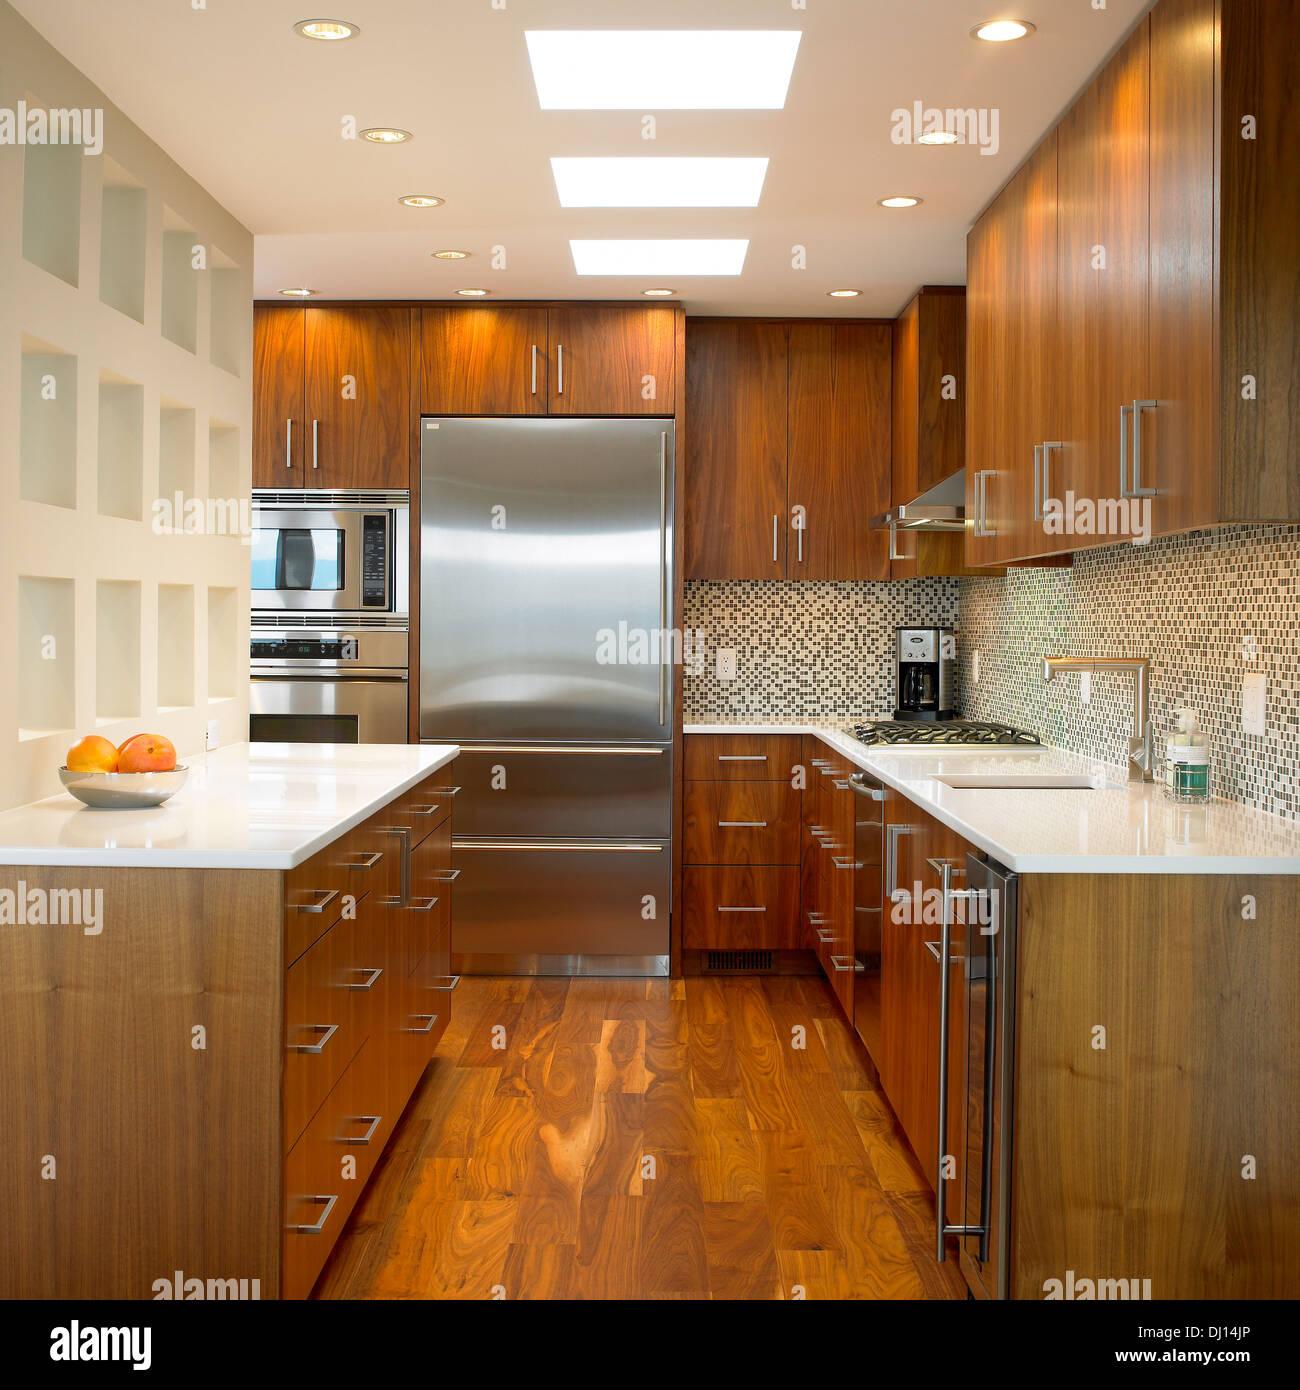 Küche Mit Walnuss Schränke Und Corian Arbeitsplatten